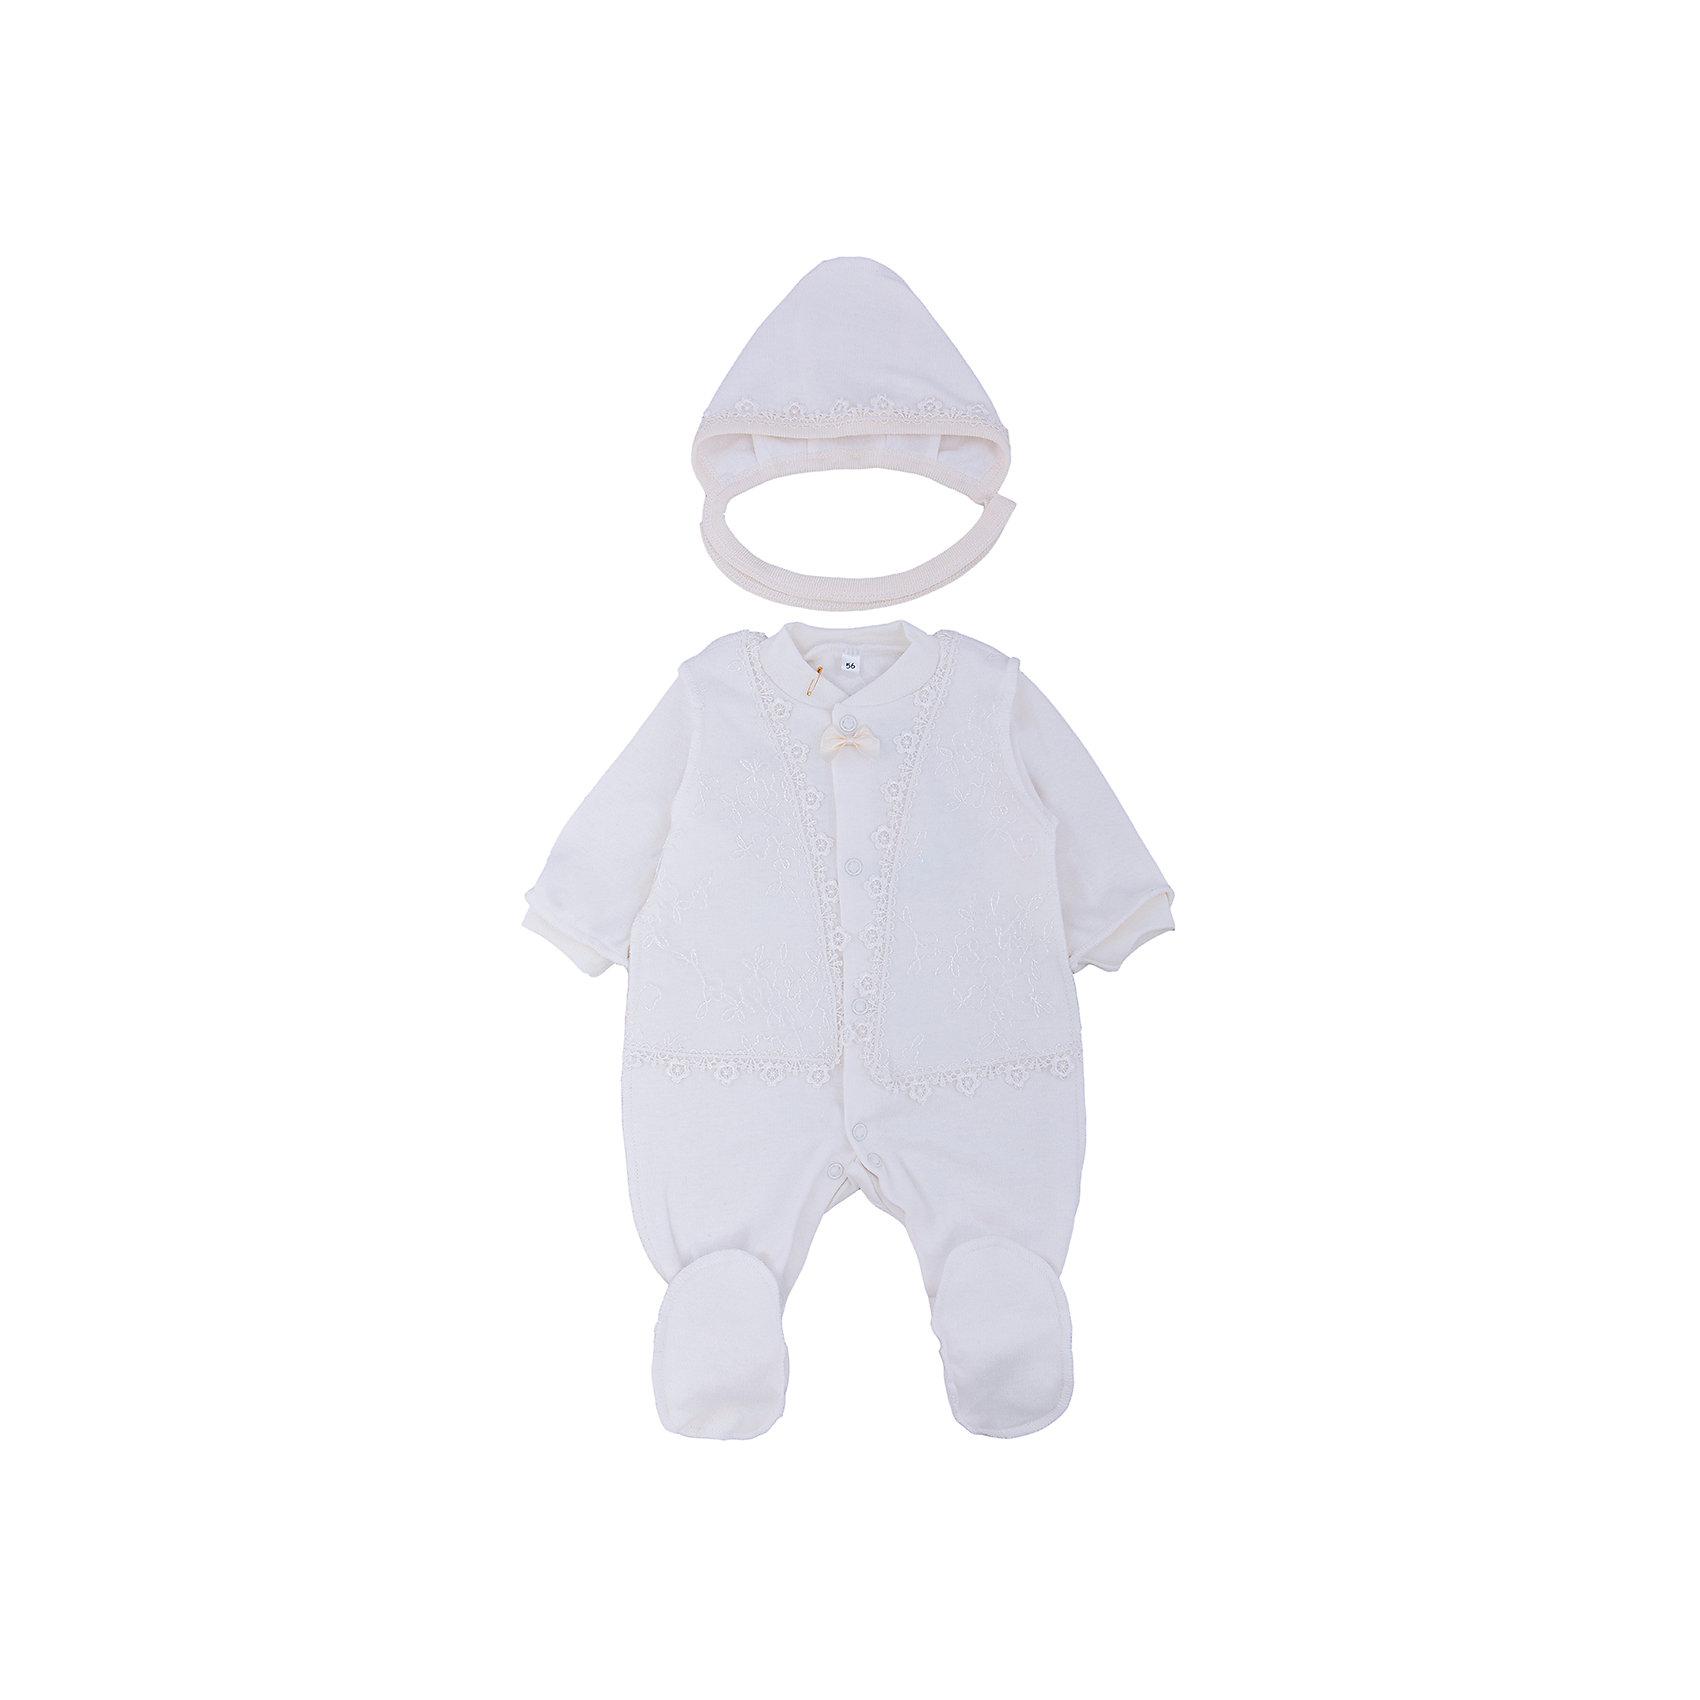 Комплект на выписку  для мальчика Soni kidsКомплект на выписку  для мальчика Soni kids <br>Состав: 100% хлопок<br><br>Ширина мм: 157<br>Глубина мм: 13<br>Высота мм: 119<br>Вес г: 200<br>Цвет: разноцветный<br>Возраст от месяцев: 0<br>Возраст до месяцев: 3<br>Пол: Мужской<br>Возраст: Детский<br>Размер: 56<br>SKU: 4944794